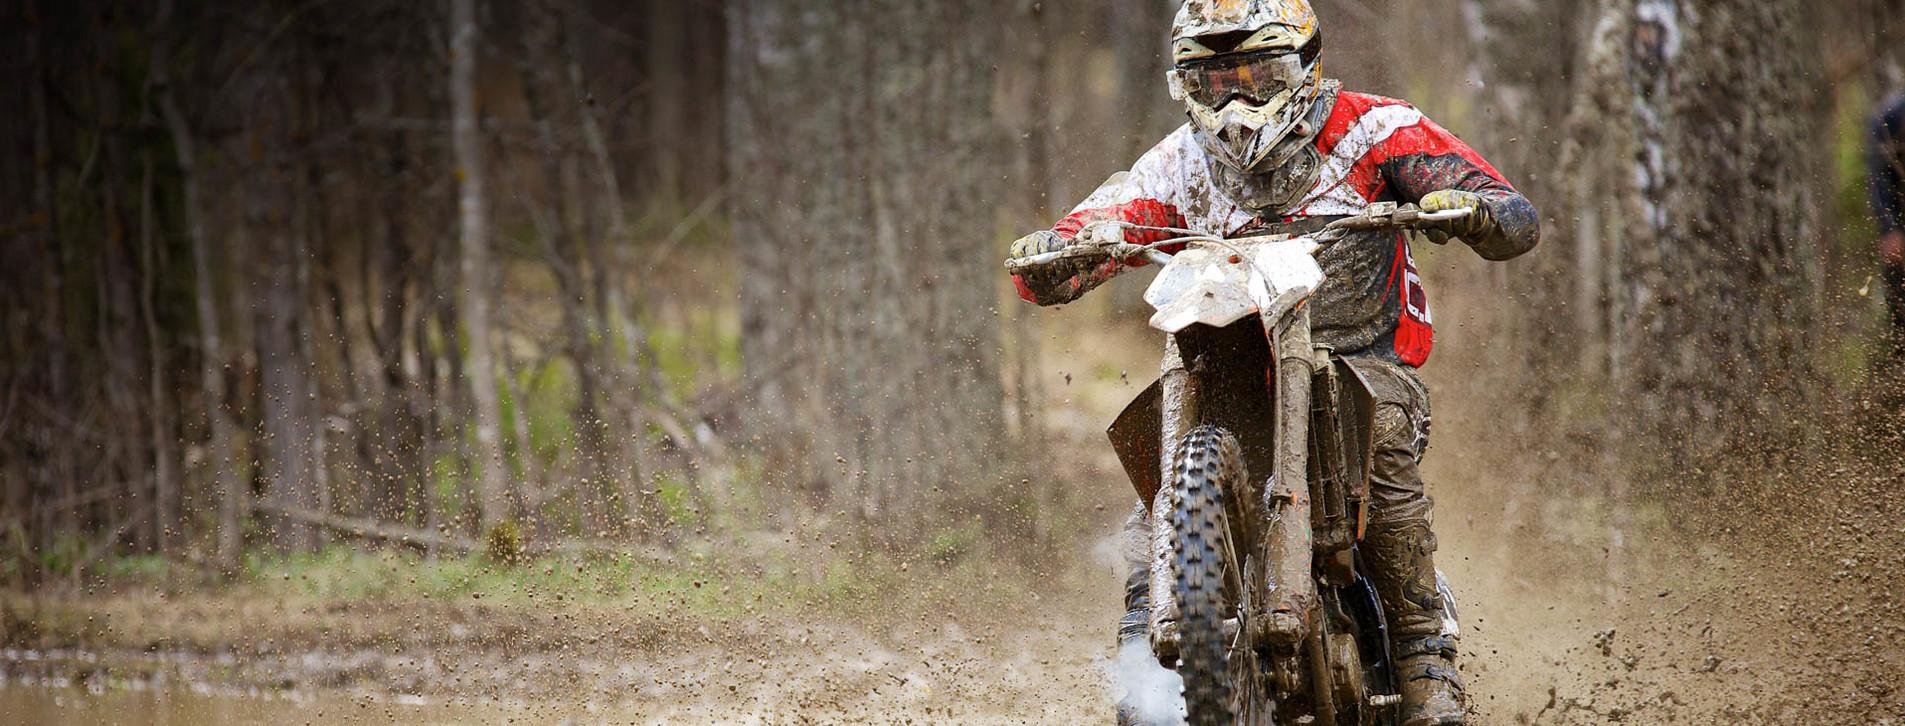 Фото 1 - Драйв на внедорожном мотоцикле